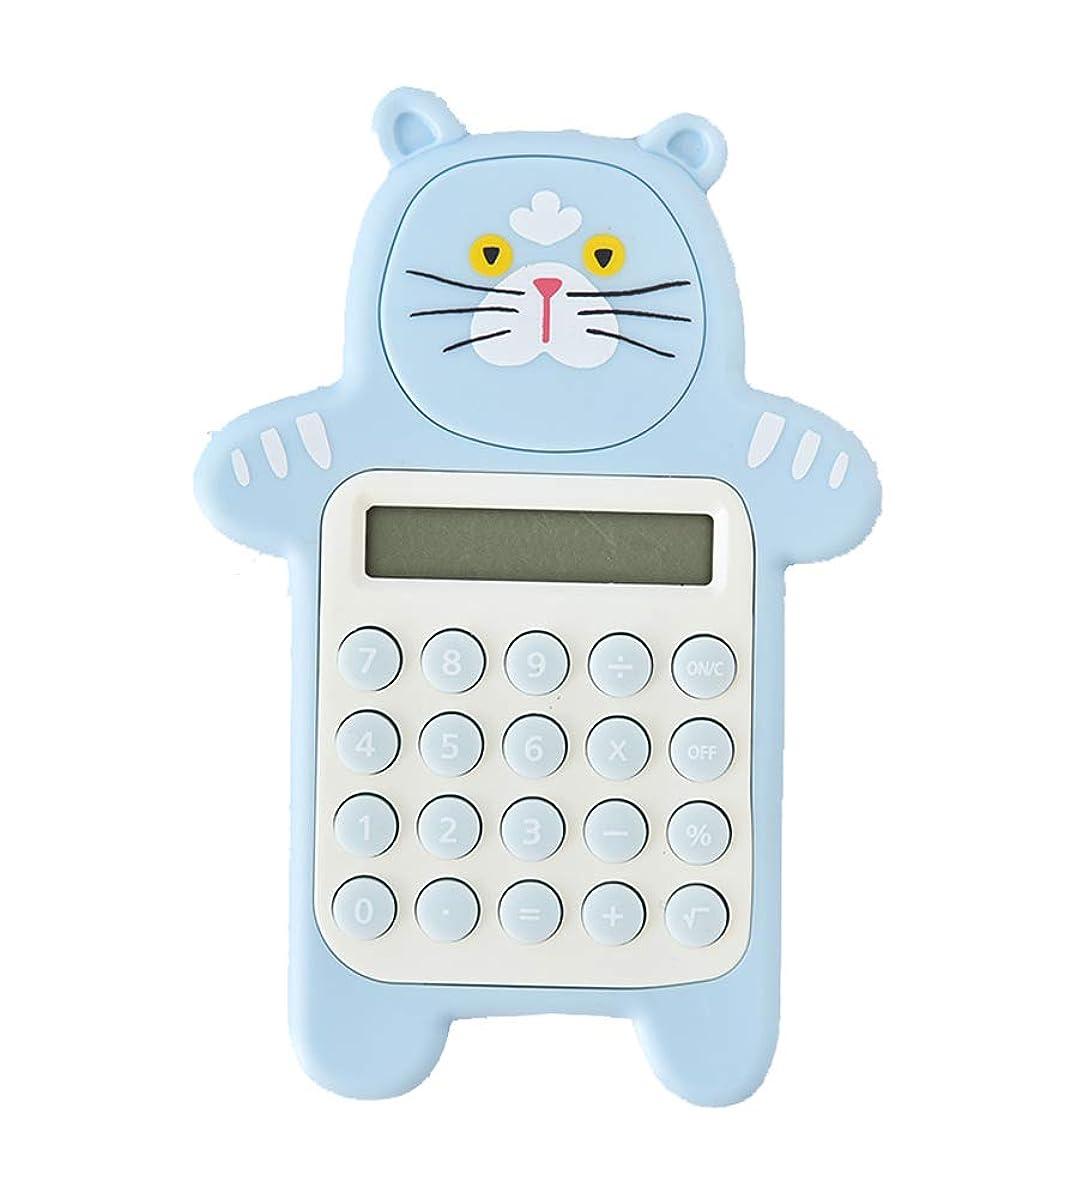 動物園寮計器かわいいクマの形クリエイティブミニ電卓学生電卓、B1